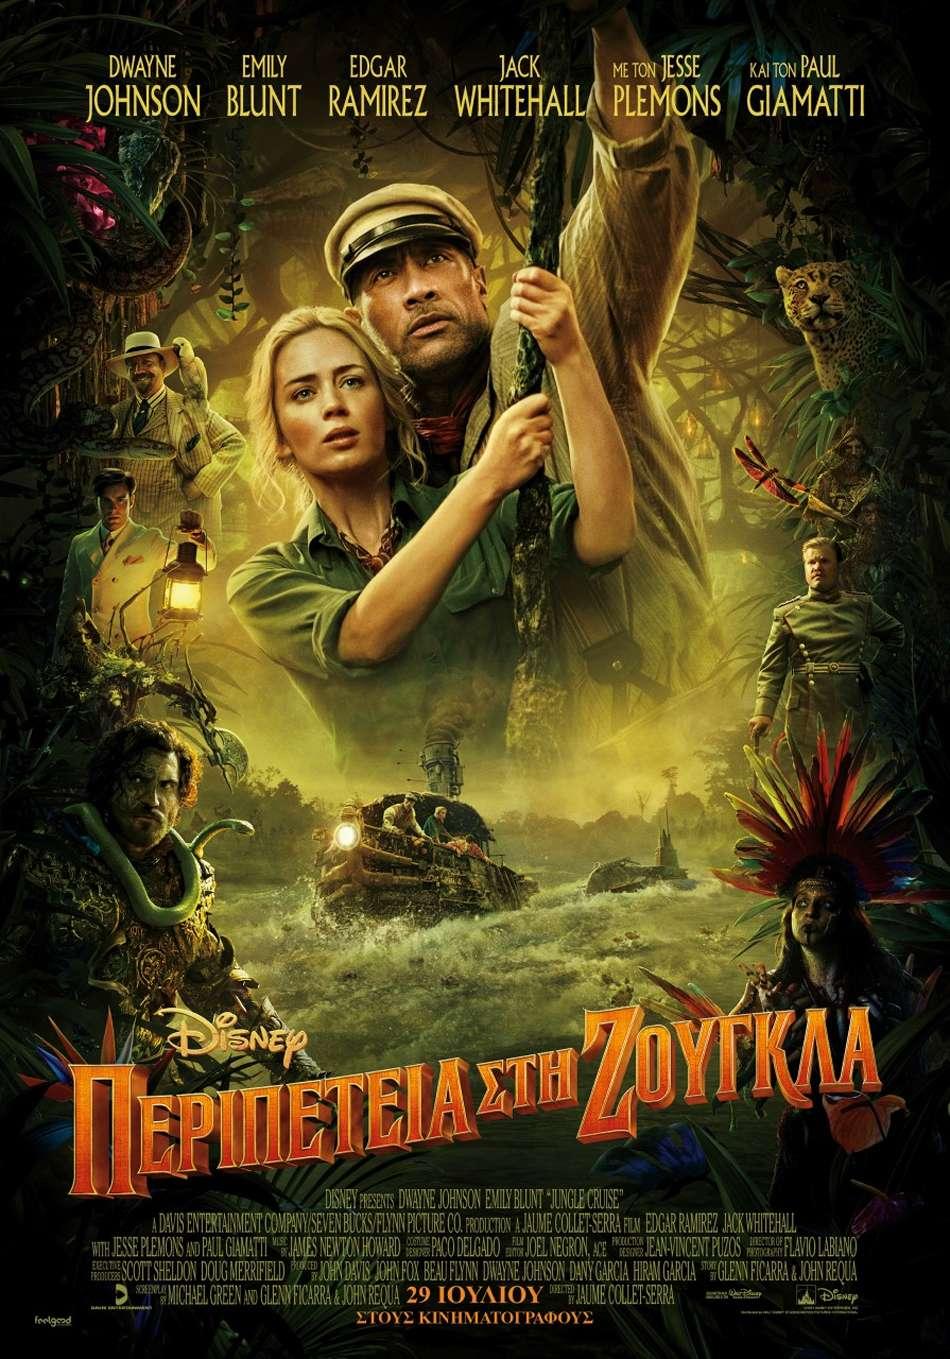 Περιπέτεια στη Ζούγκλα (Jungle Cruise) - Trailer / Τρέιλερ Poster